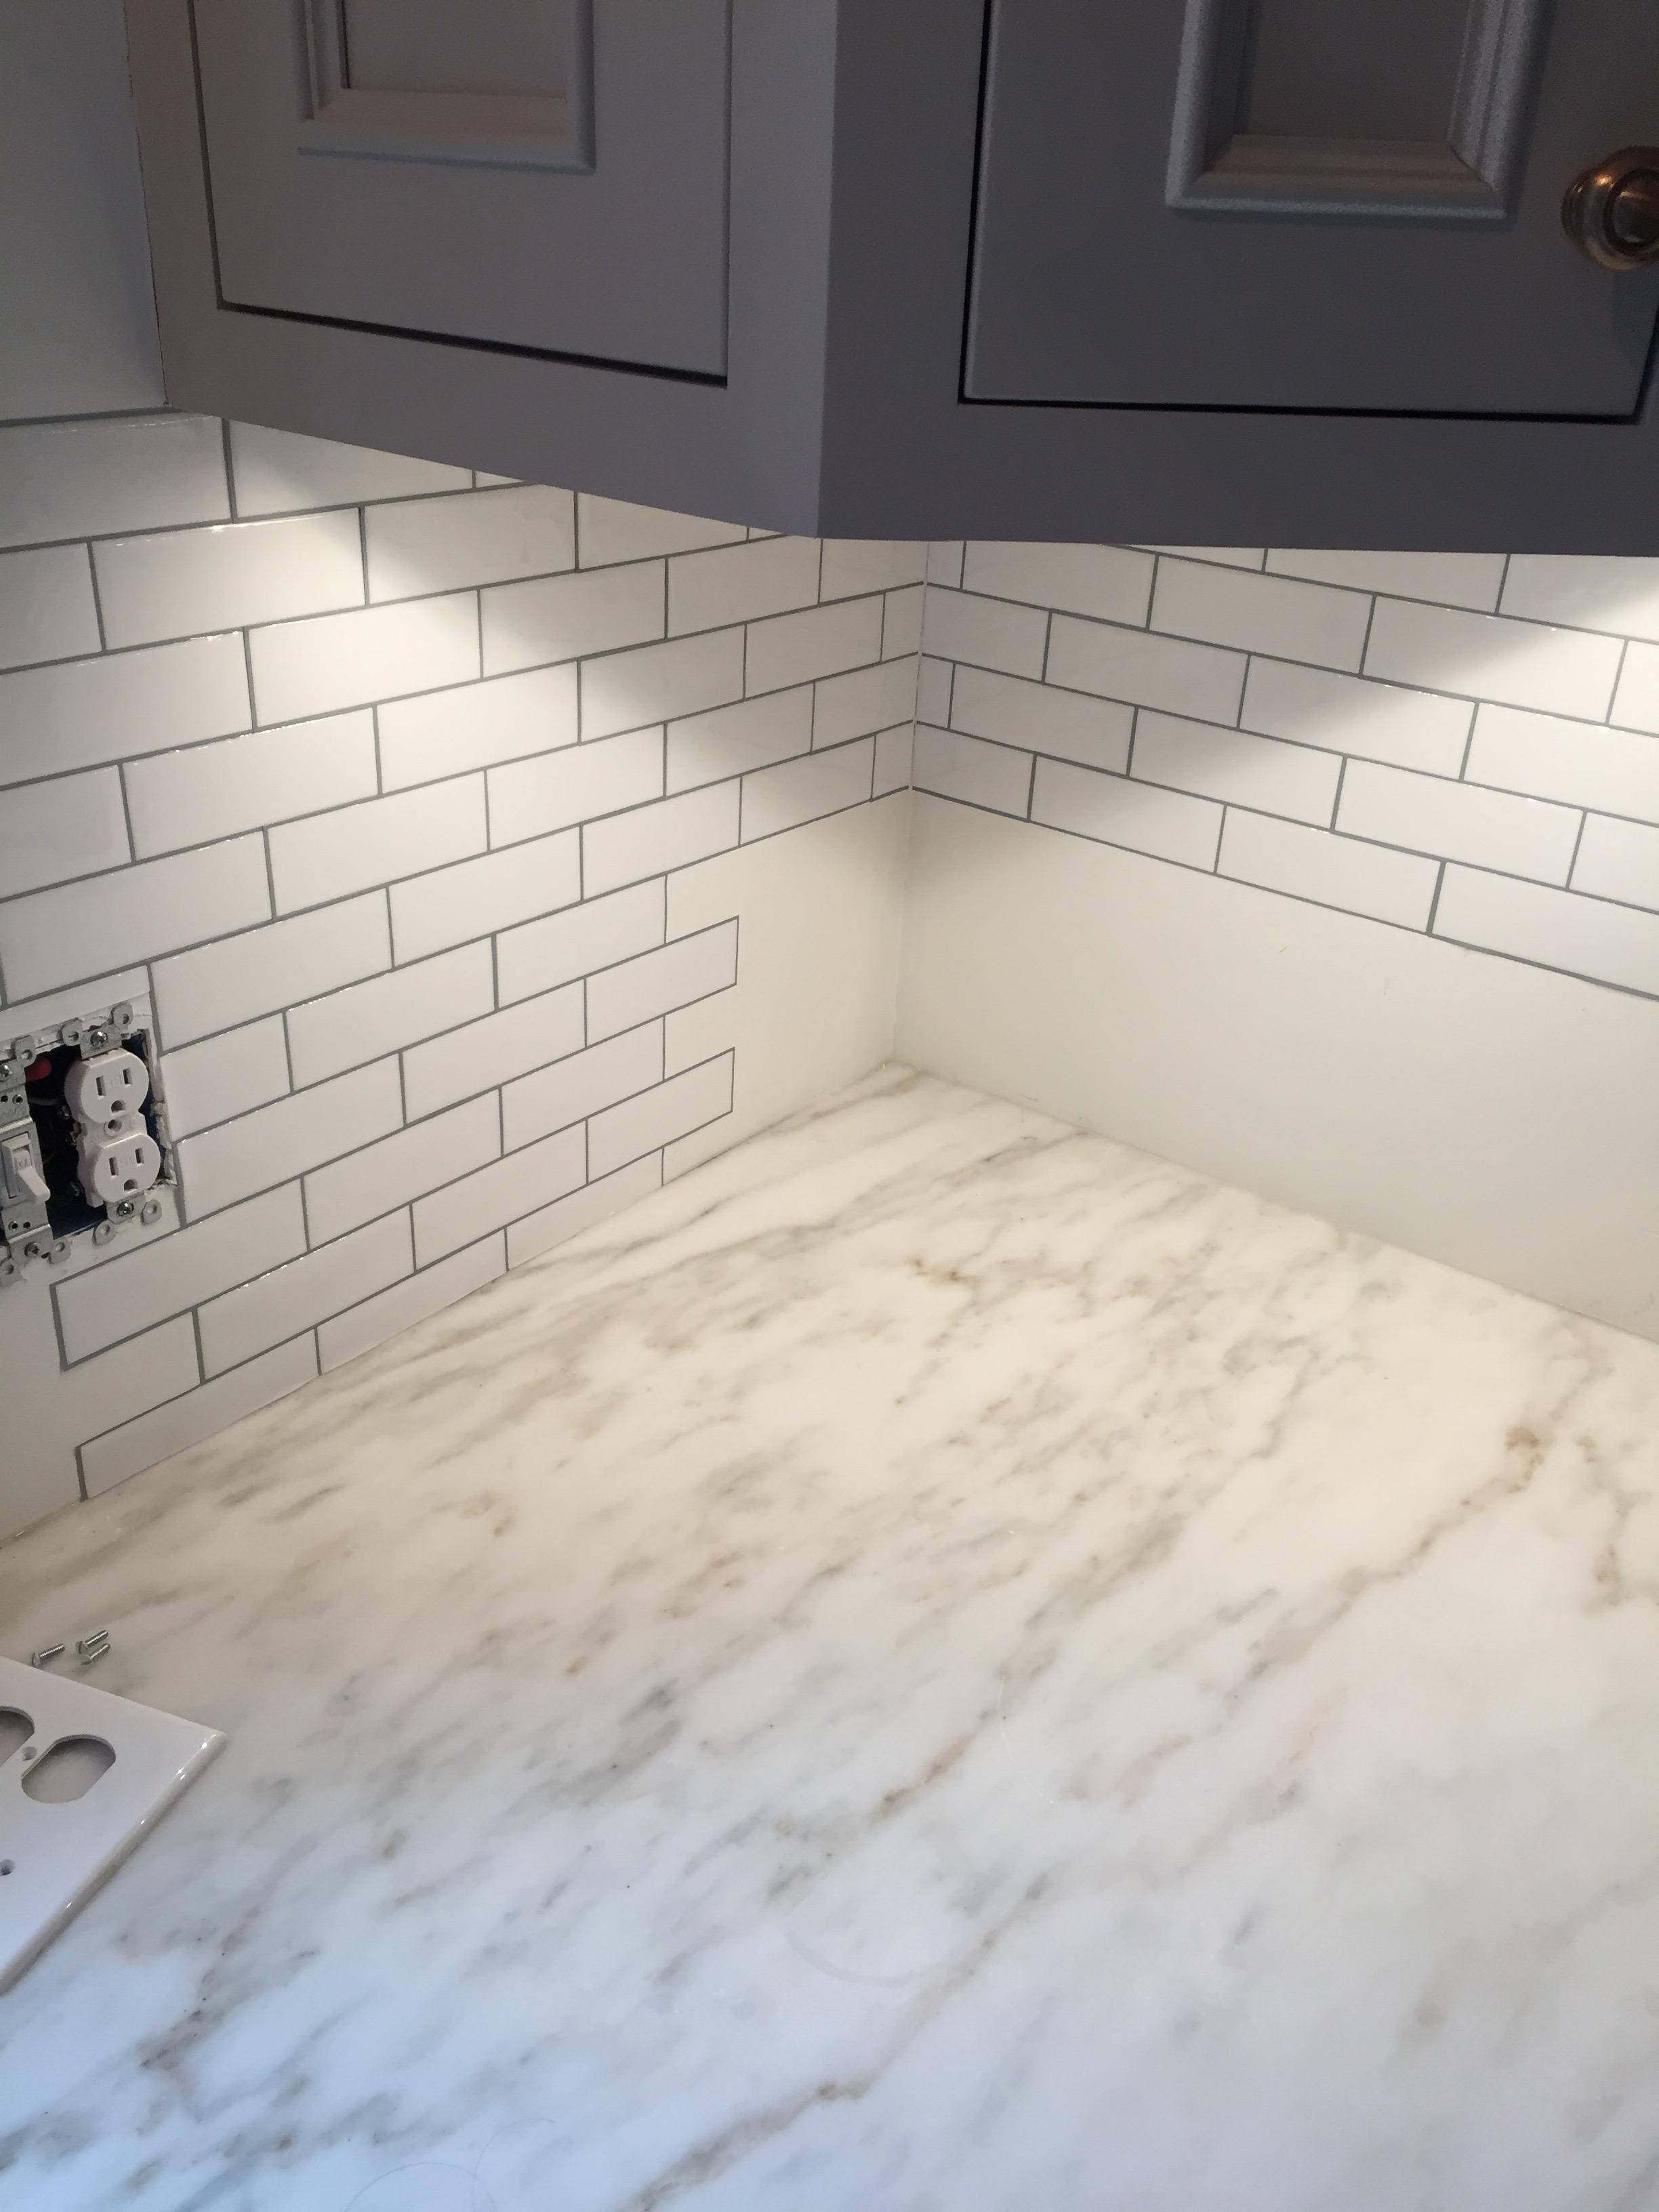 Tile backsplash in place